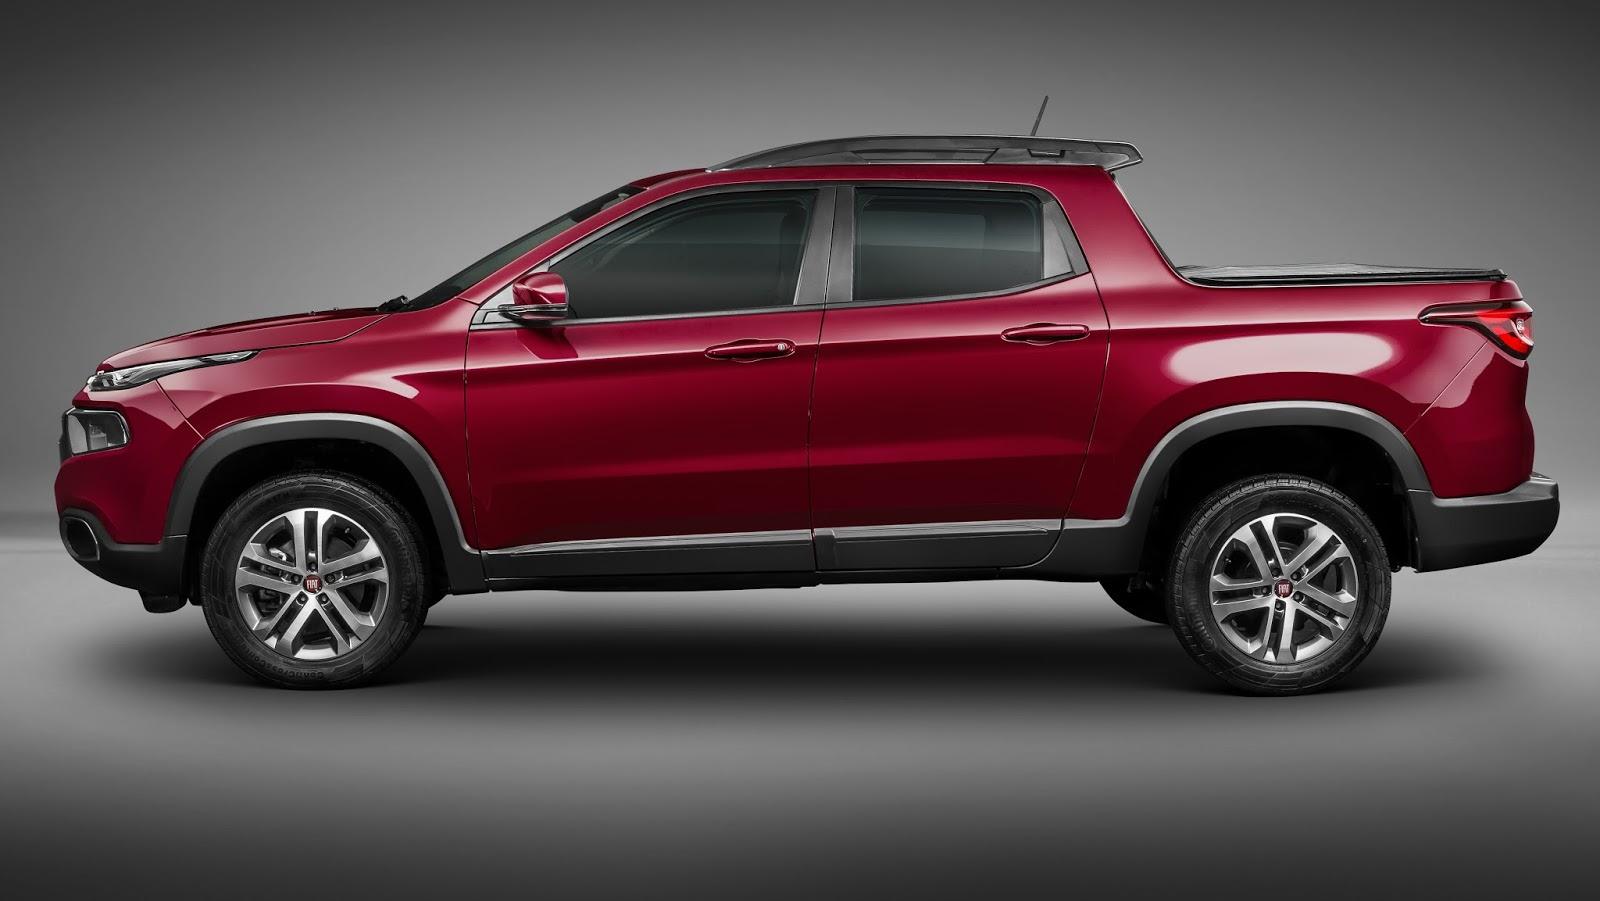 La toro freedom 2 4 cuenta de serie en brasil con doble airbag delantero frenos abs controles de tracci n y estabilidad aire acondicionado